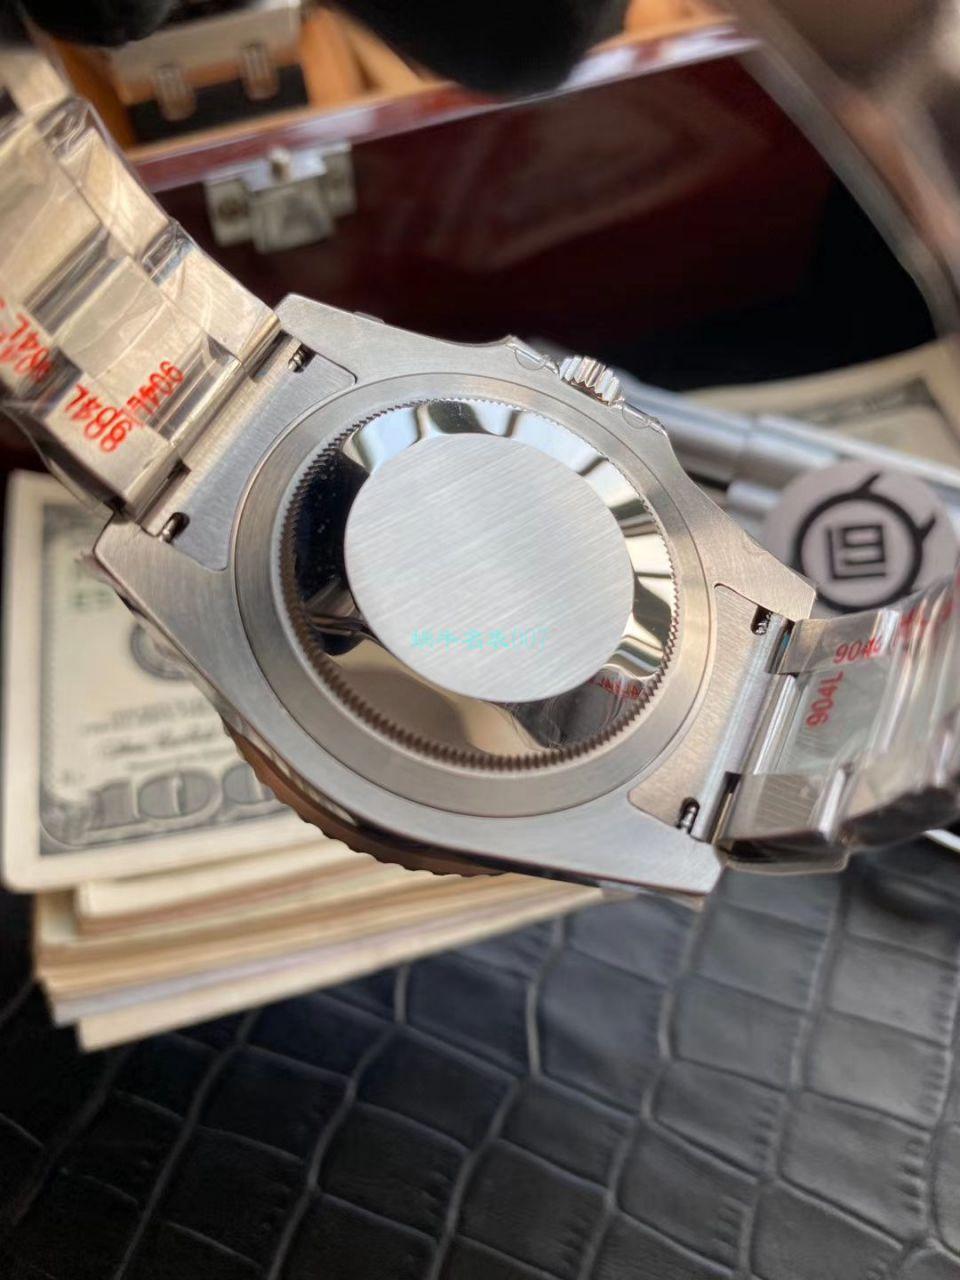 V9厂精仿手表劳力士格林尼治型II系列116710LN-78200腕表(绿针)